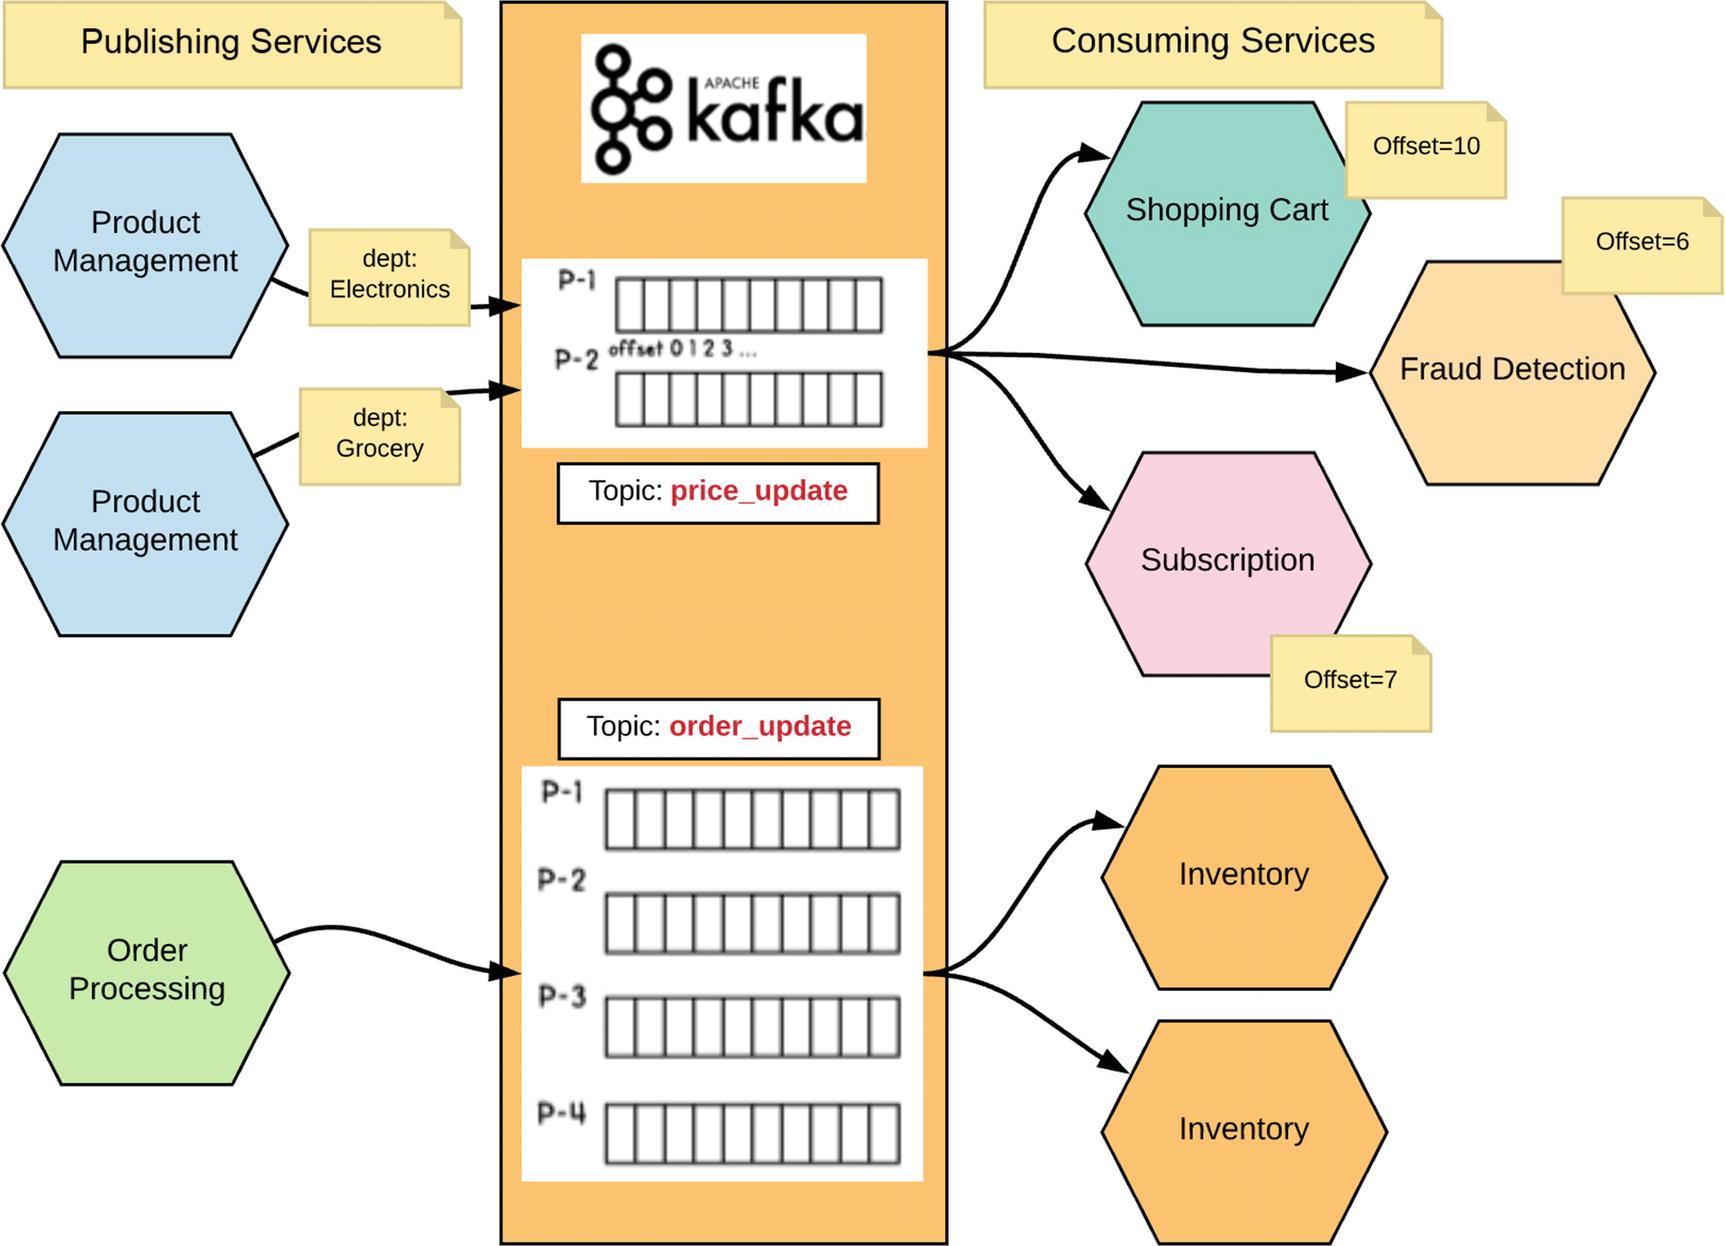 Inter-Service Communication | SpringerLink